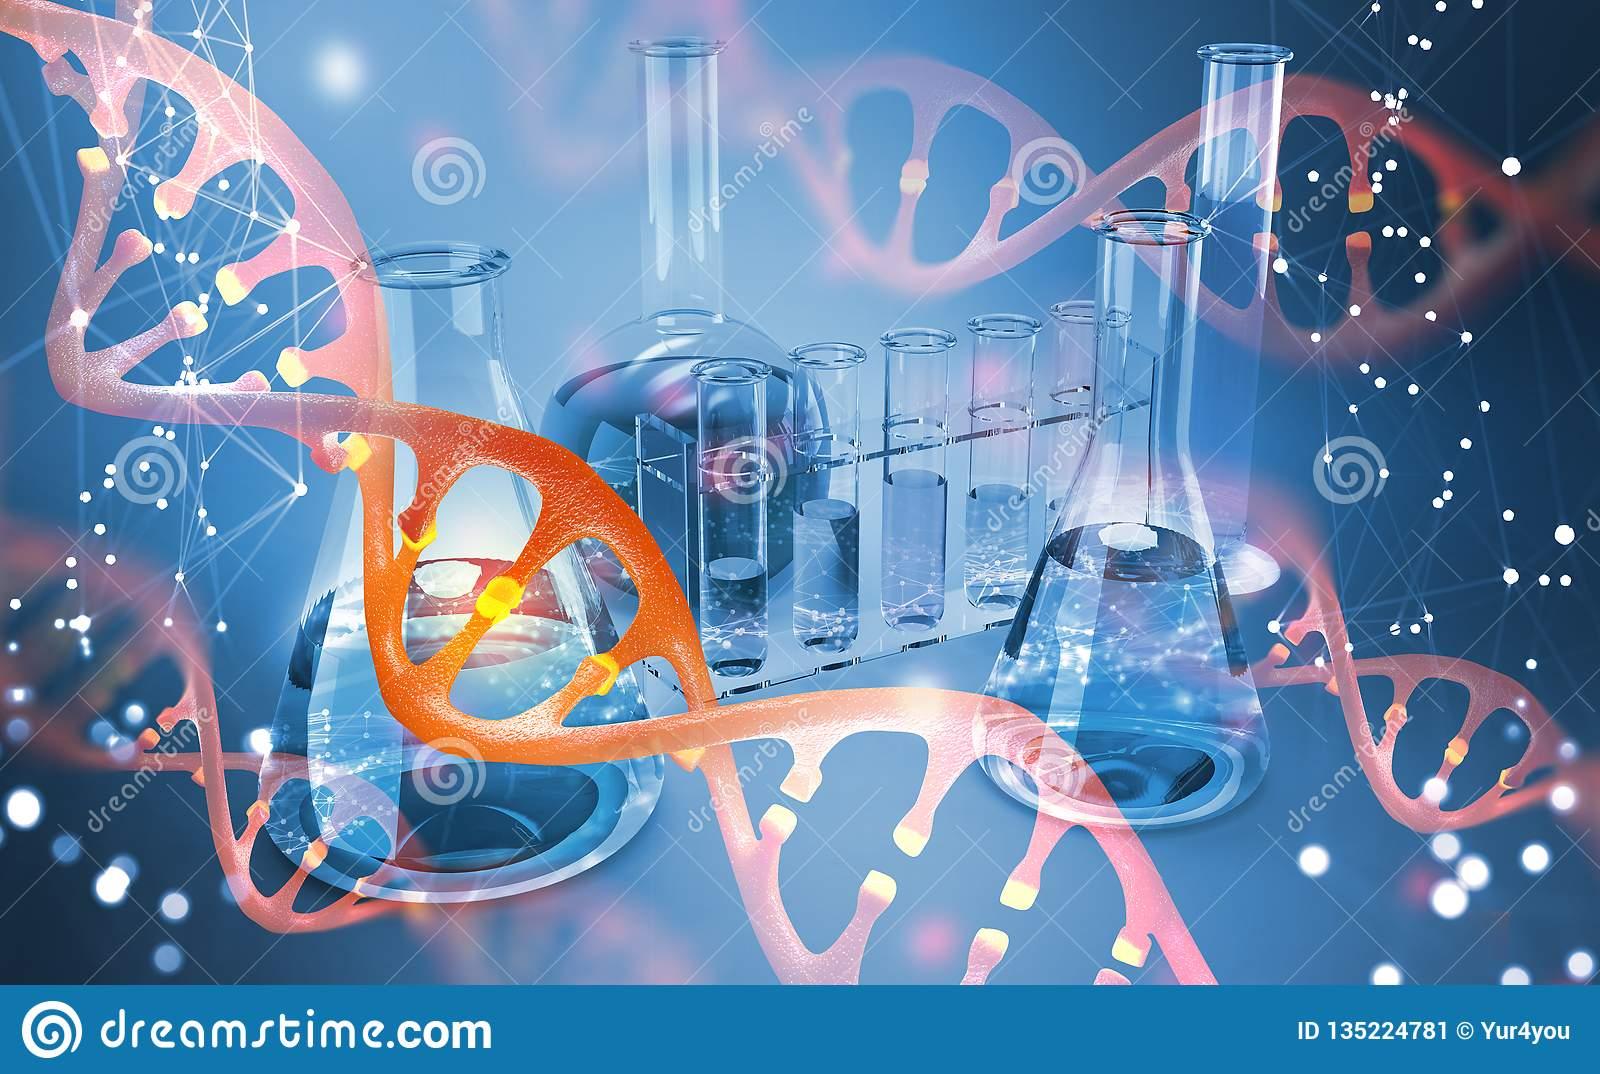 Микробиология - это какая наука? медицинская микробиология